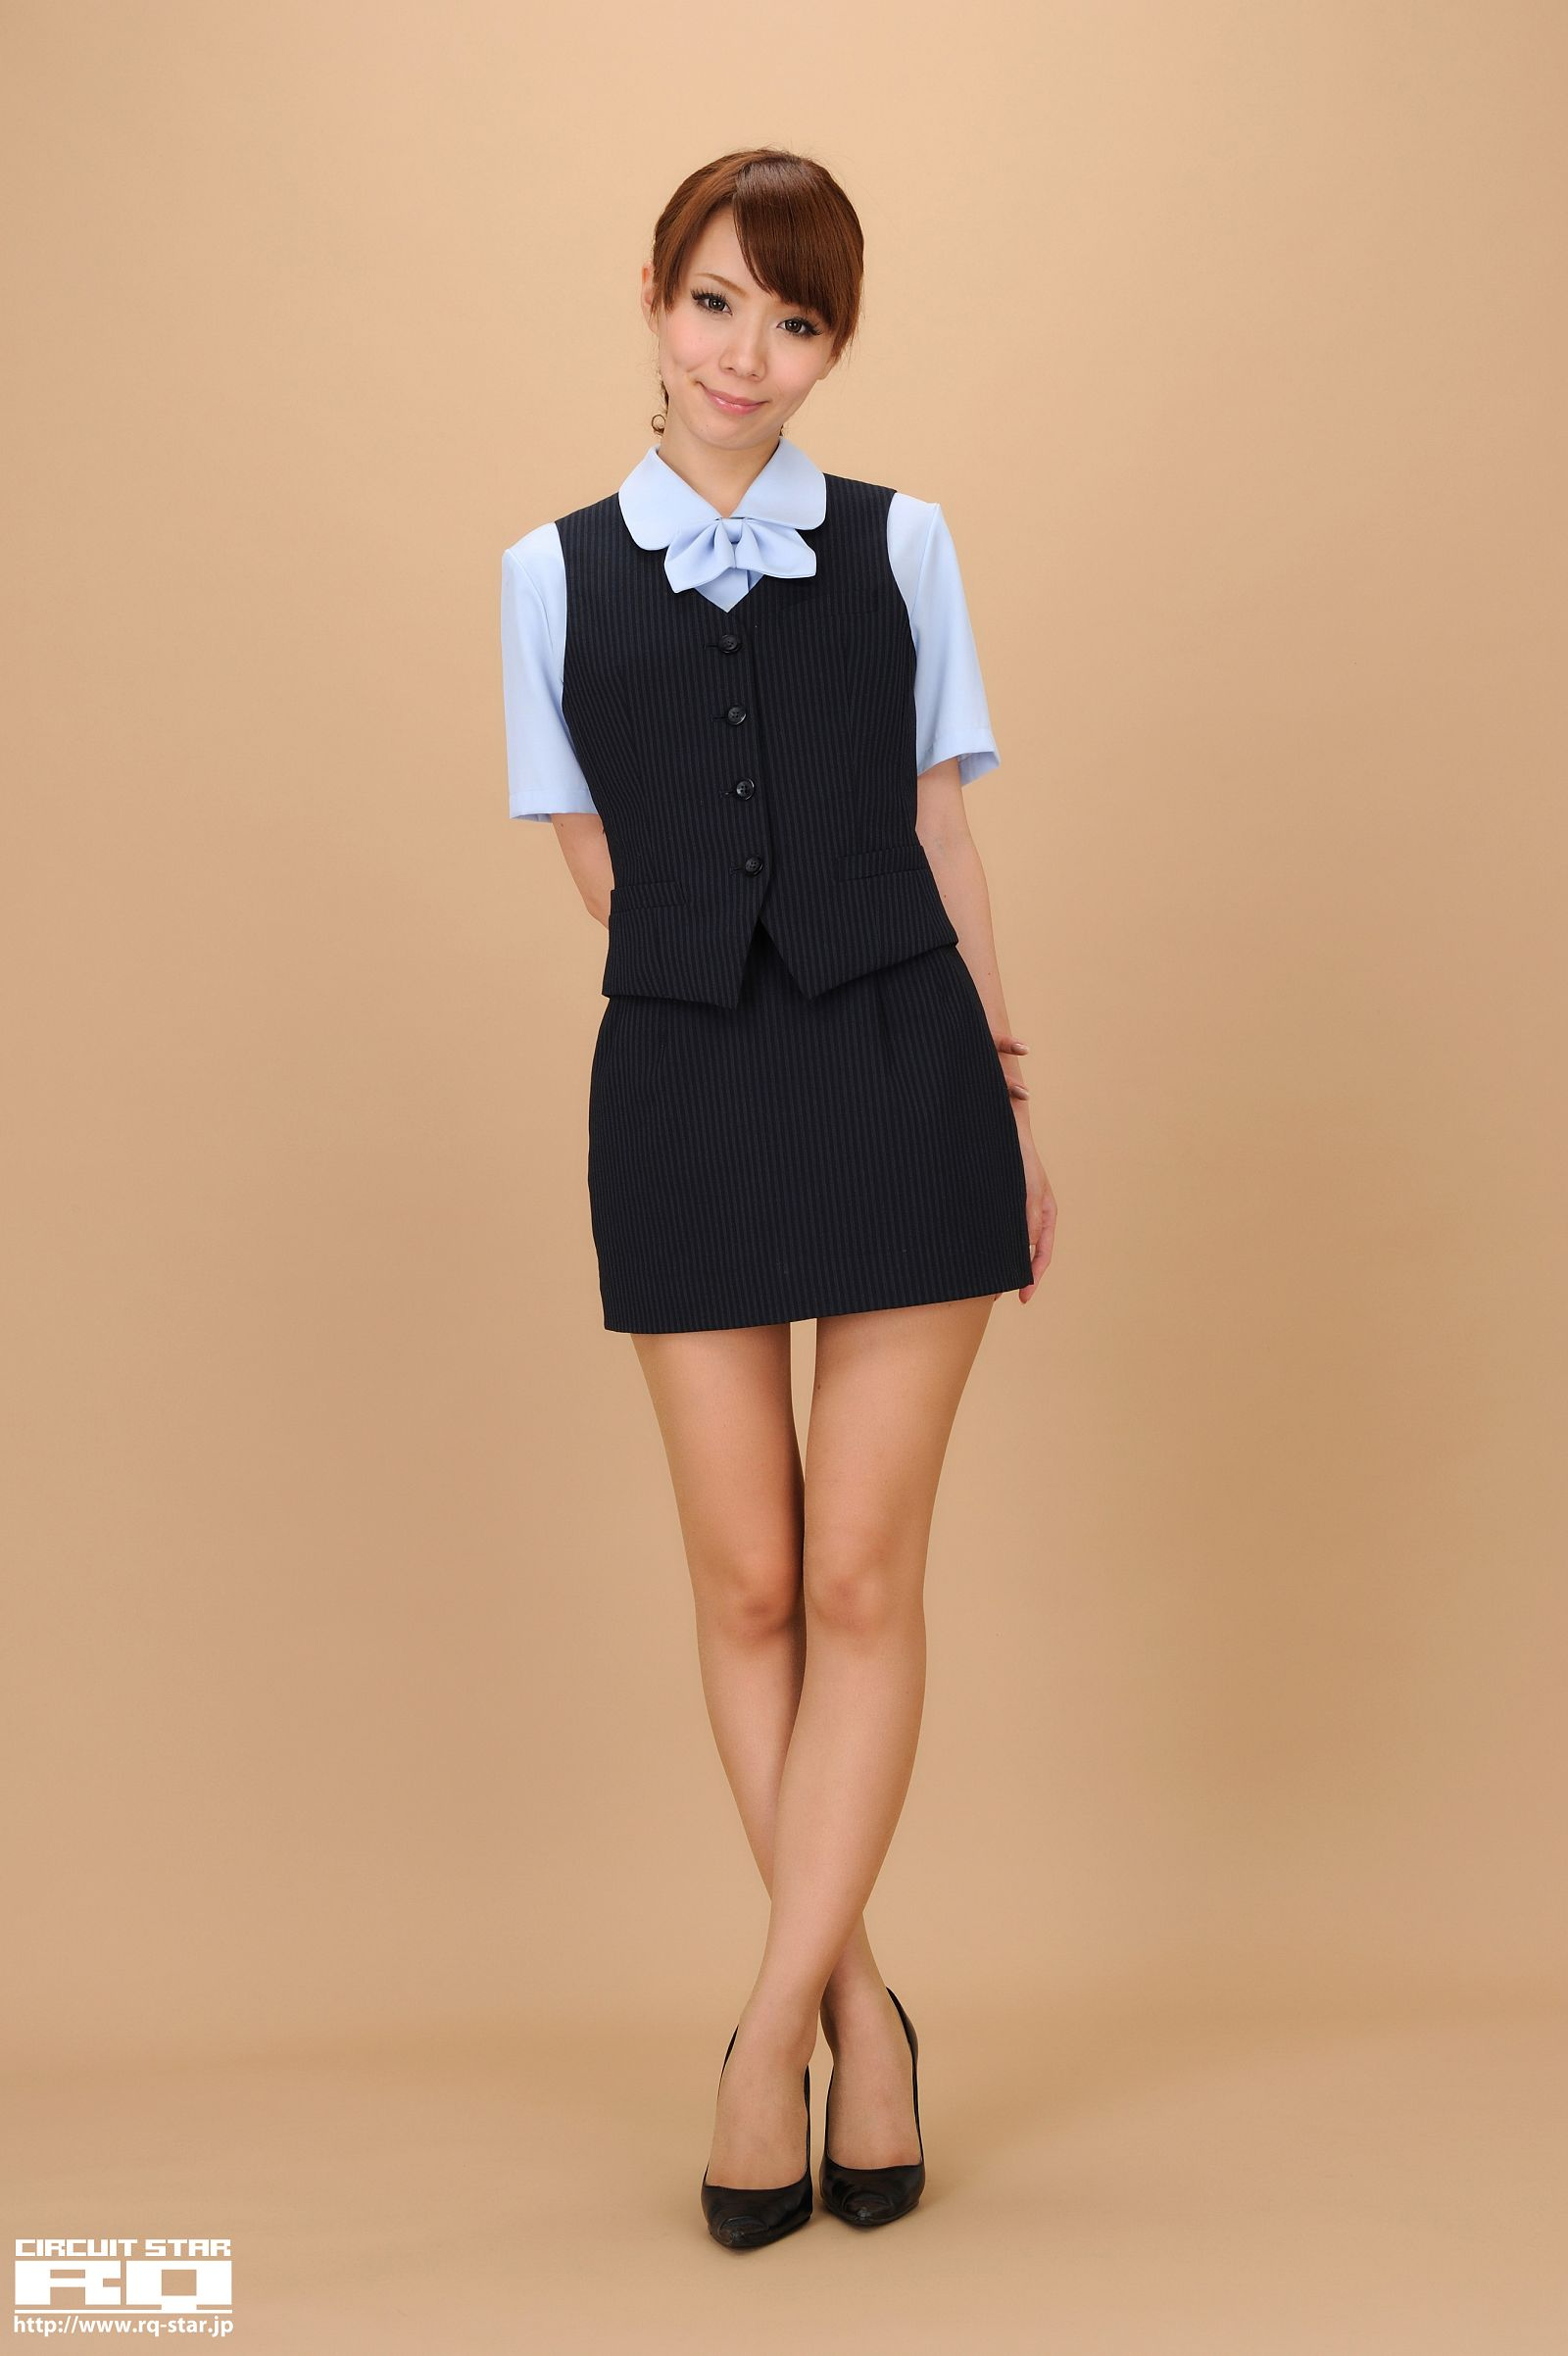 [RQ STAR美女] NO.00524 Ari Takada 高田亜鈴 Office Lady[115P] RQ STAR 第1张